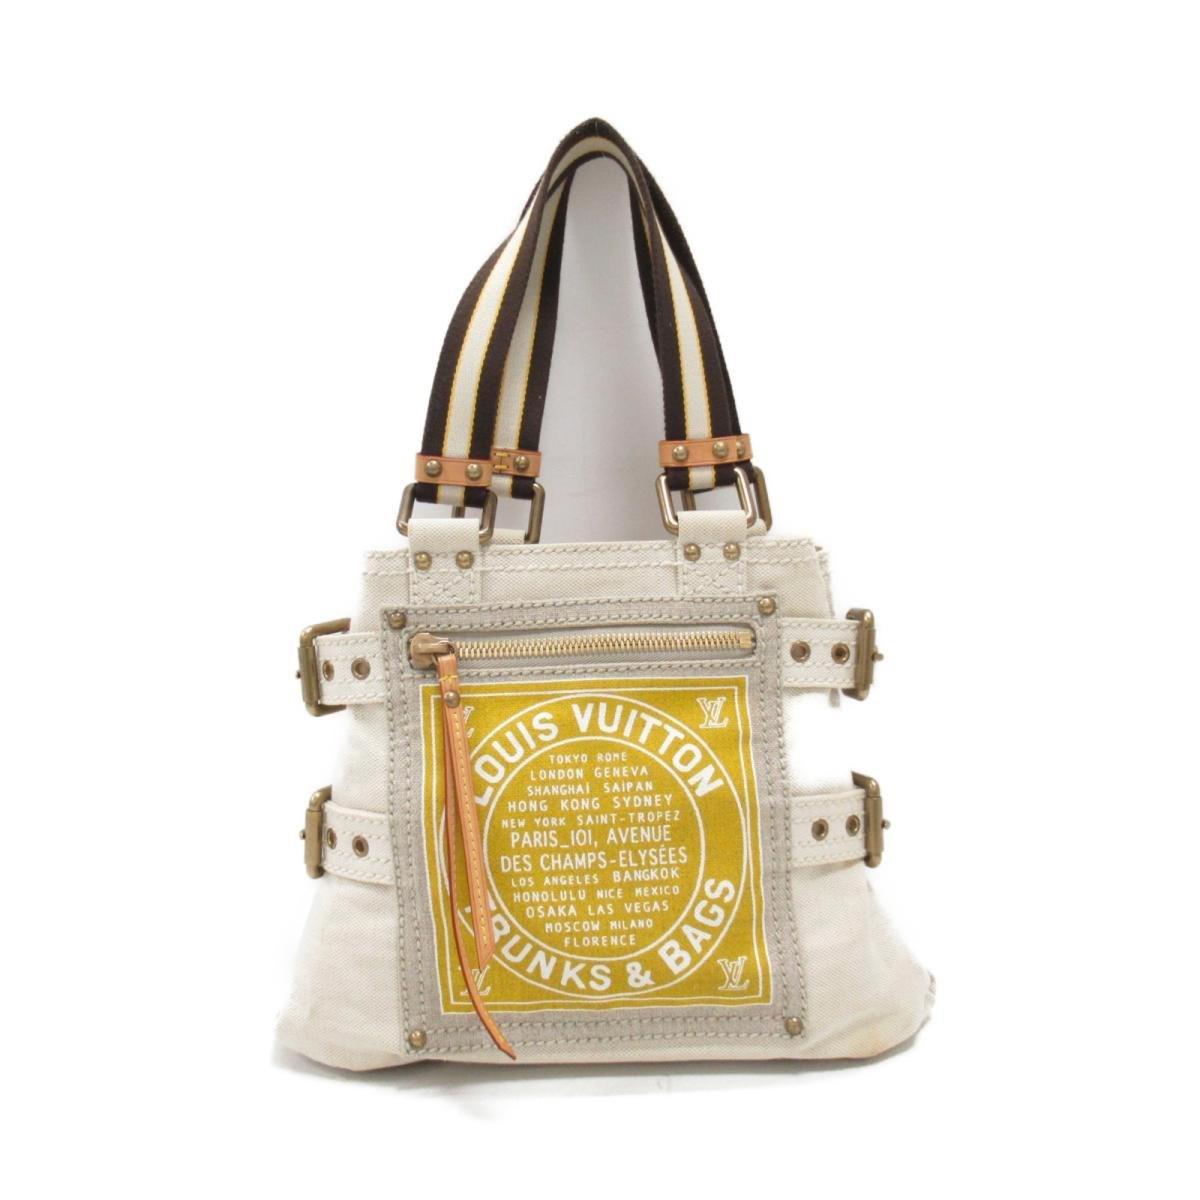 6d0ba1b8d31c Lyst - Louis Vuitton Auth Globe Shopper Pm Tote Bag M95116 Cotton ...